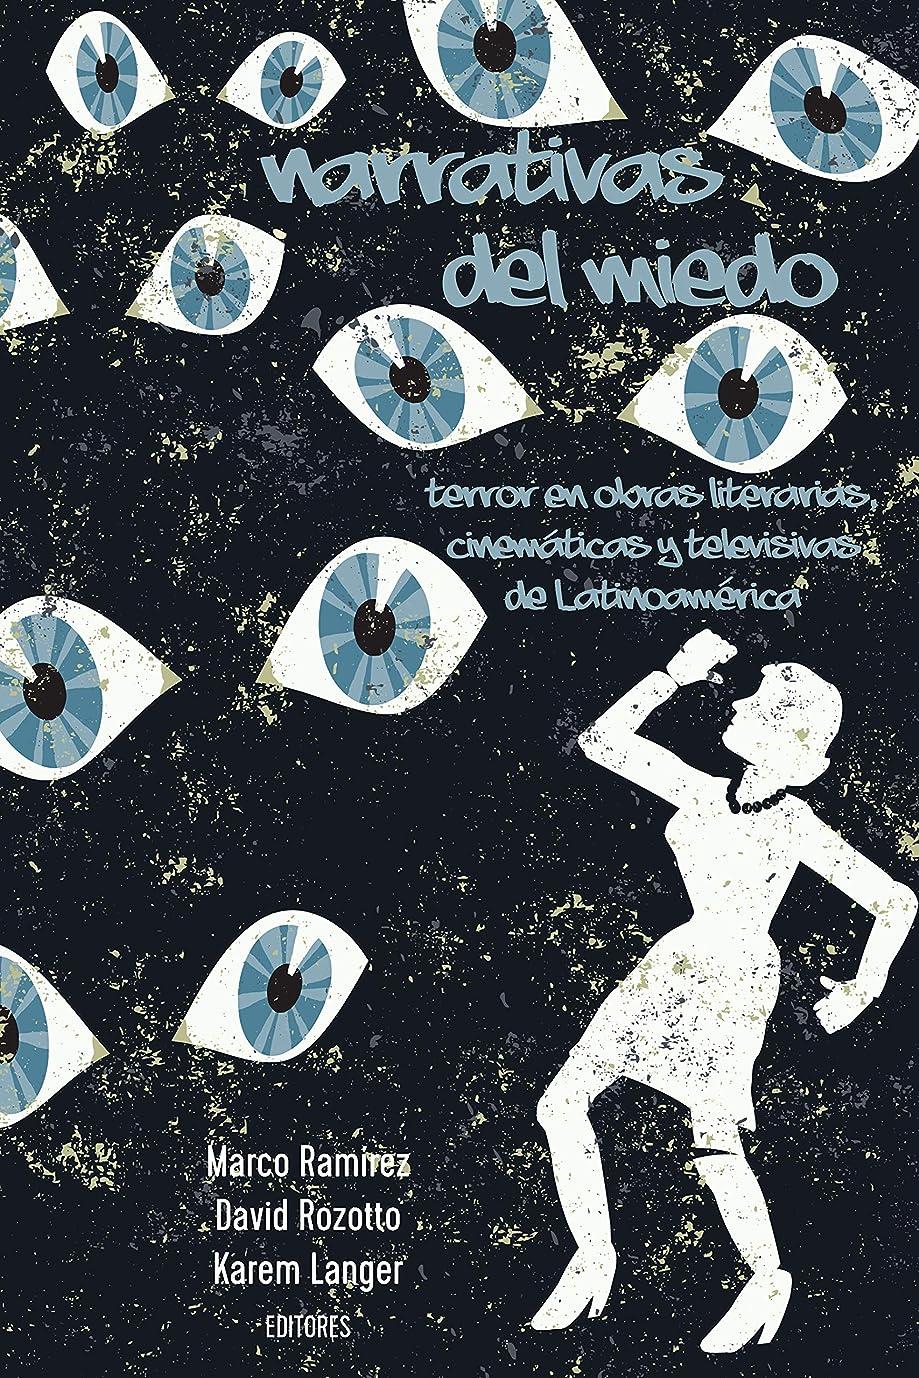 組み立てる慈善キャッシュNarrativas del miedo: Terror en obras literarias, cinemáticas y televisivas de Latinoamérica (English Edition)